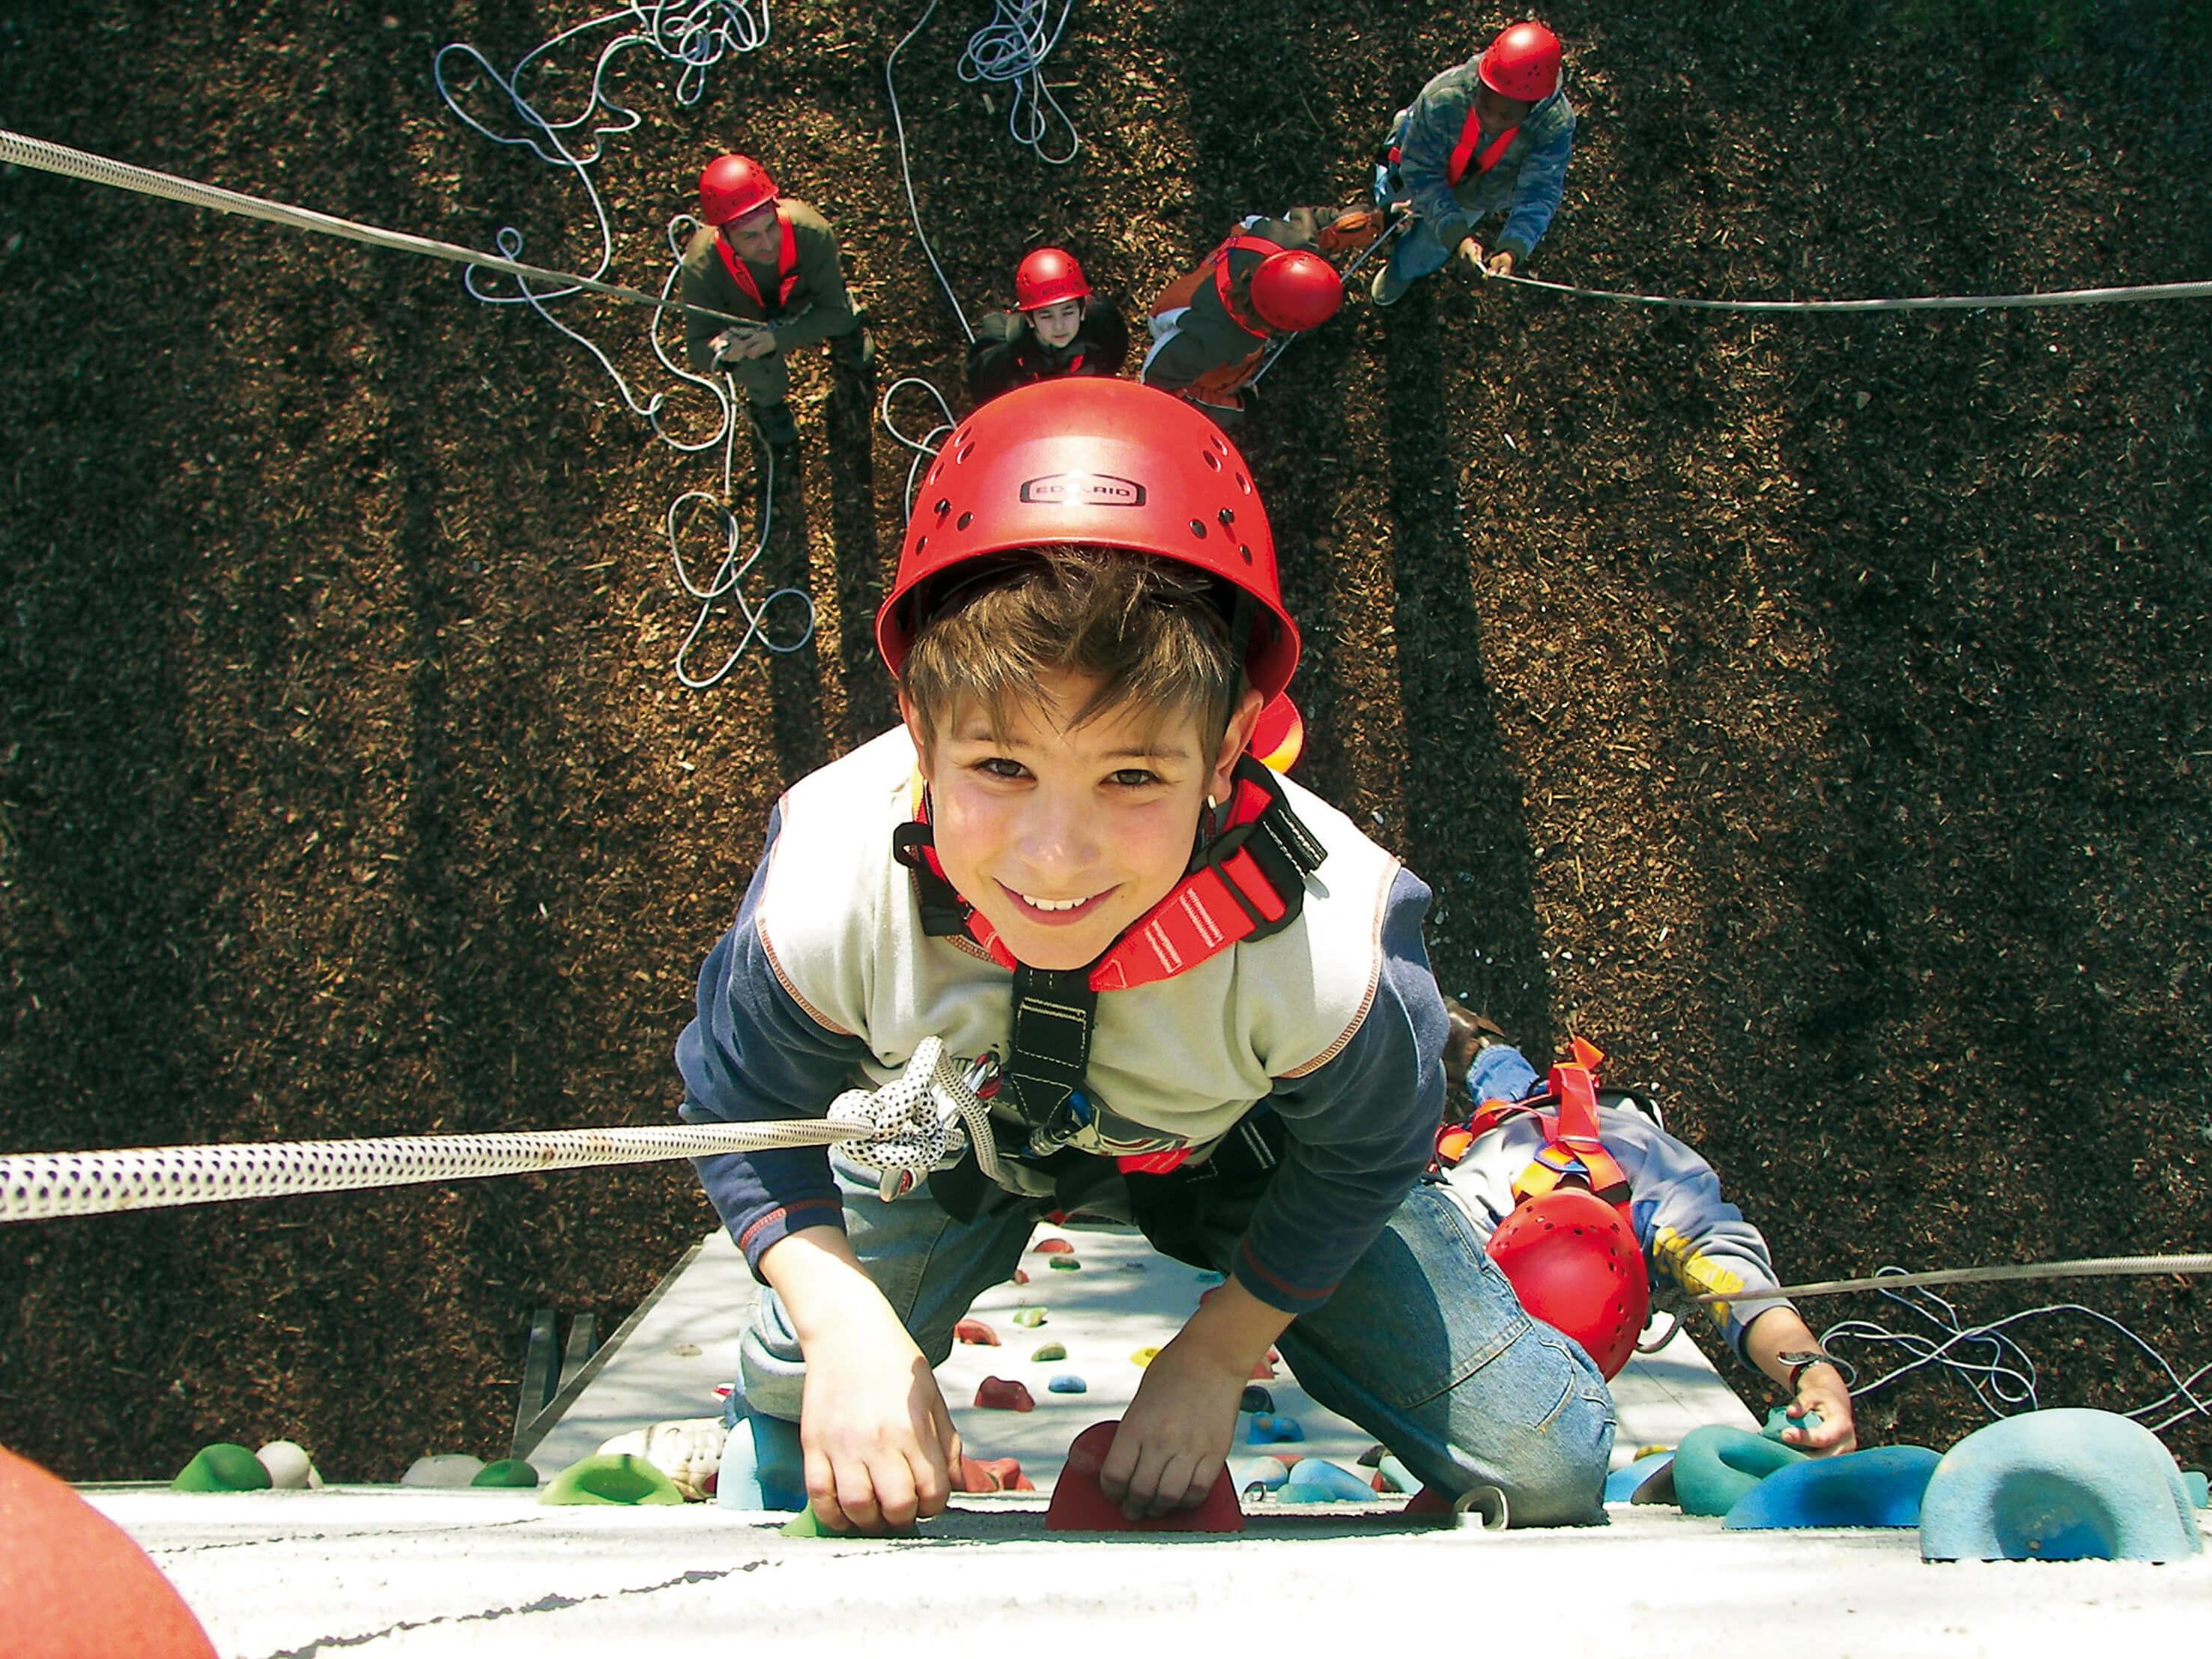 Junge klettert an einer Kletterwand